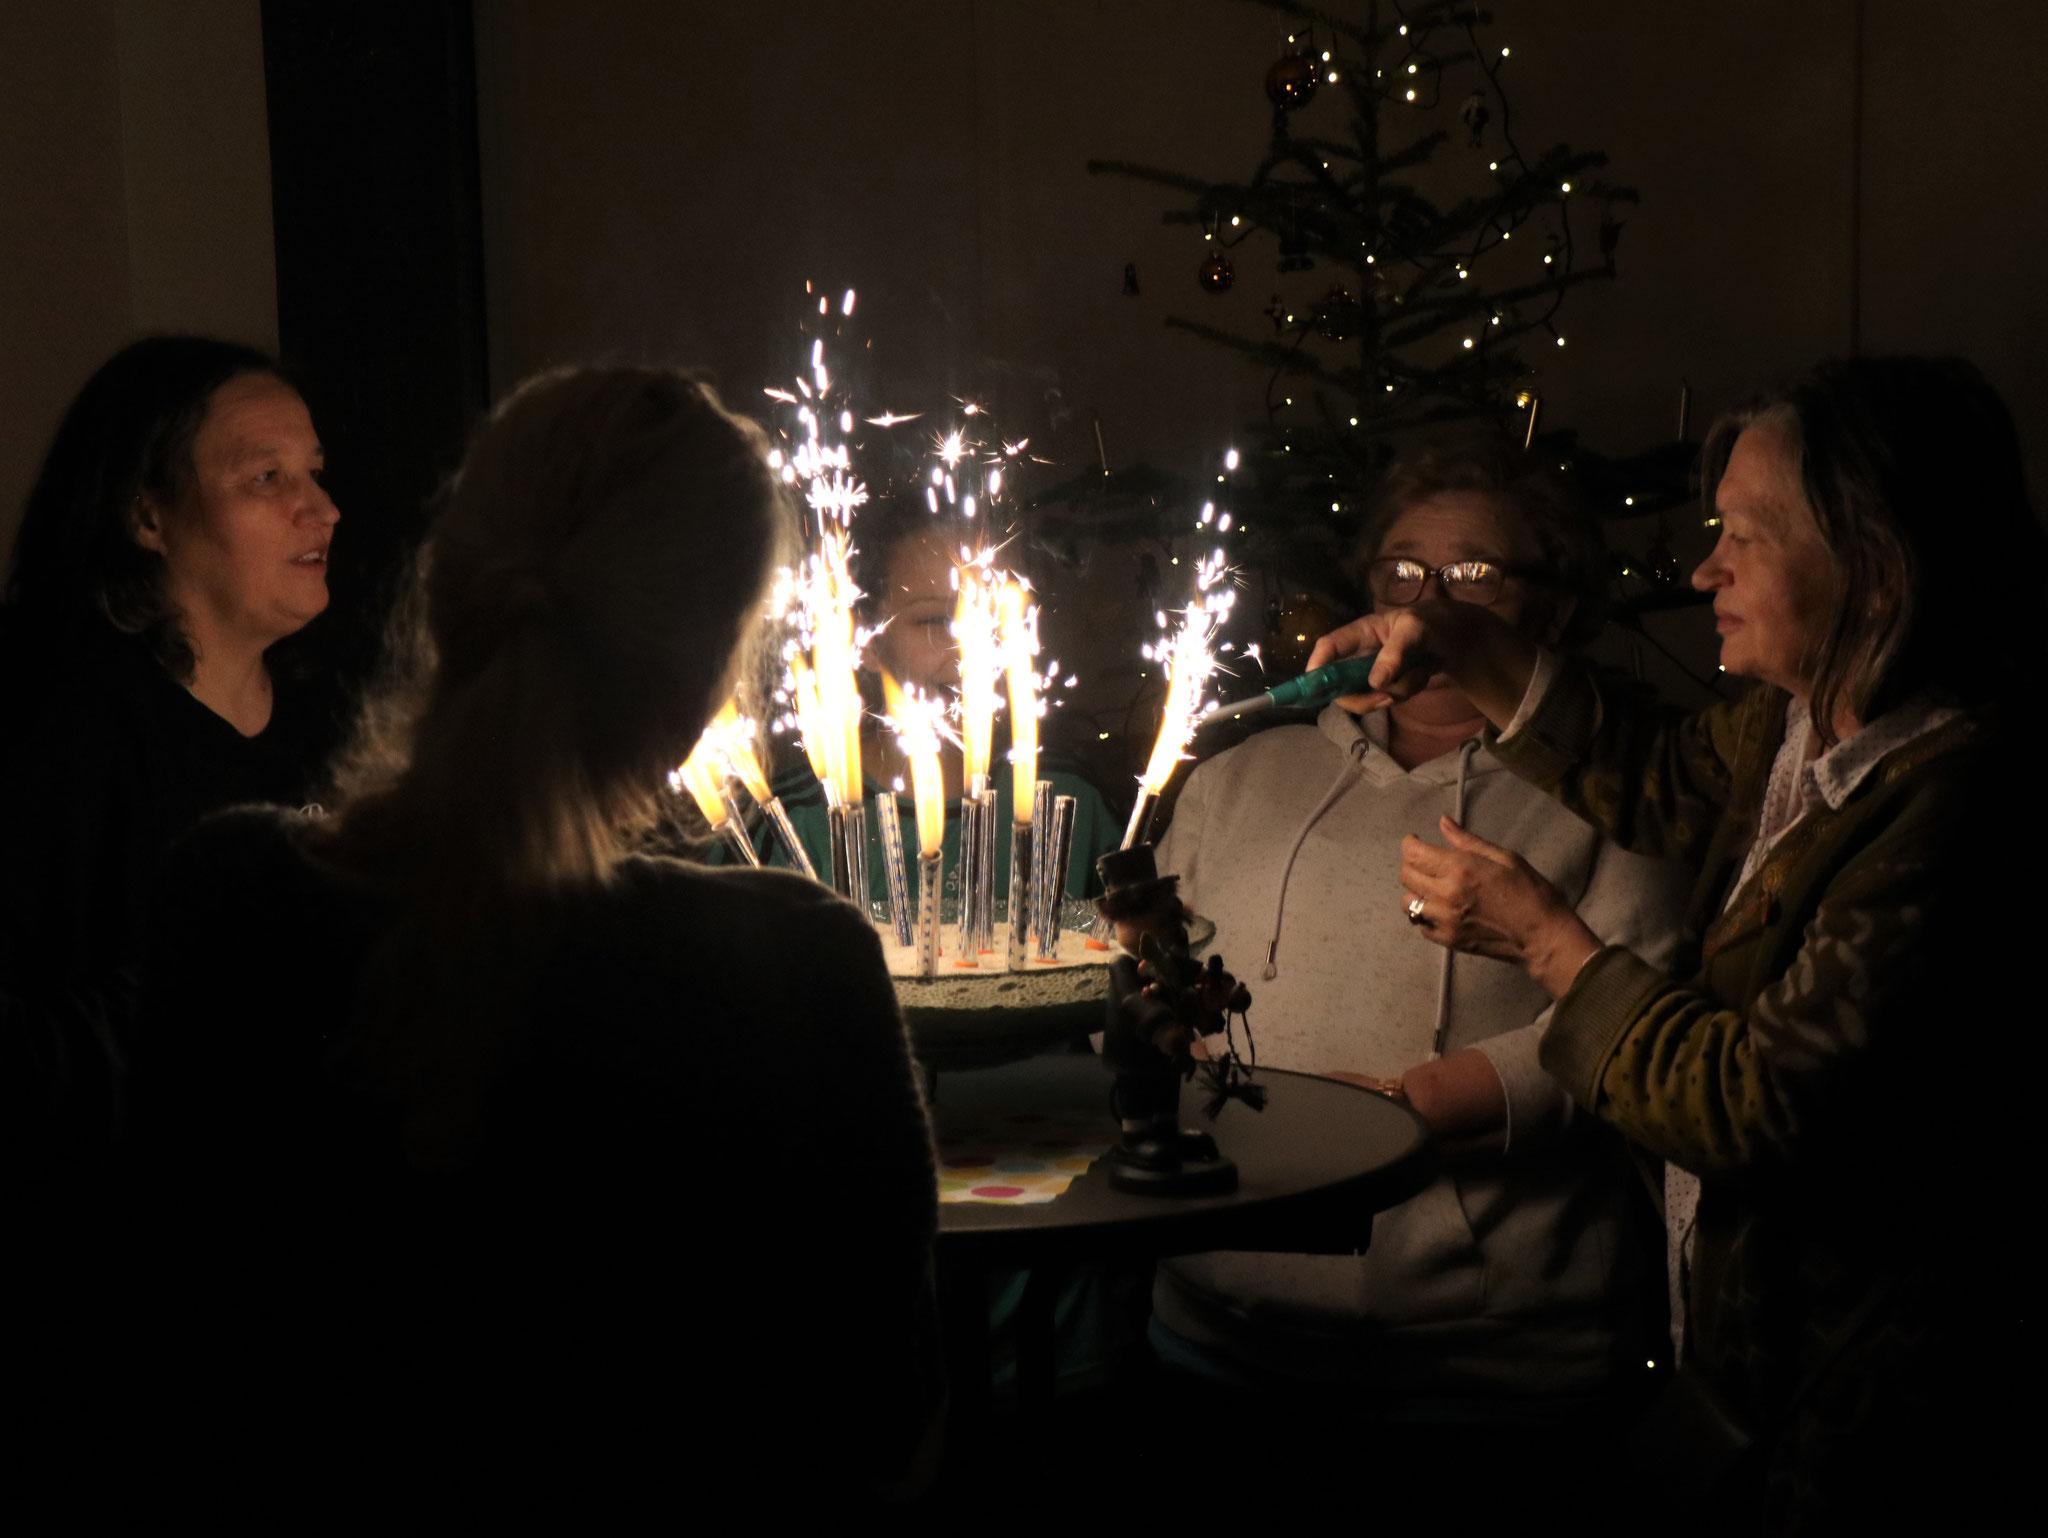 Neujahrsritual - seit vielen Jahren 'im Programm'